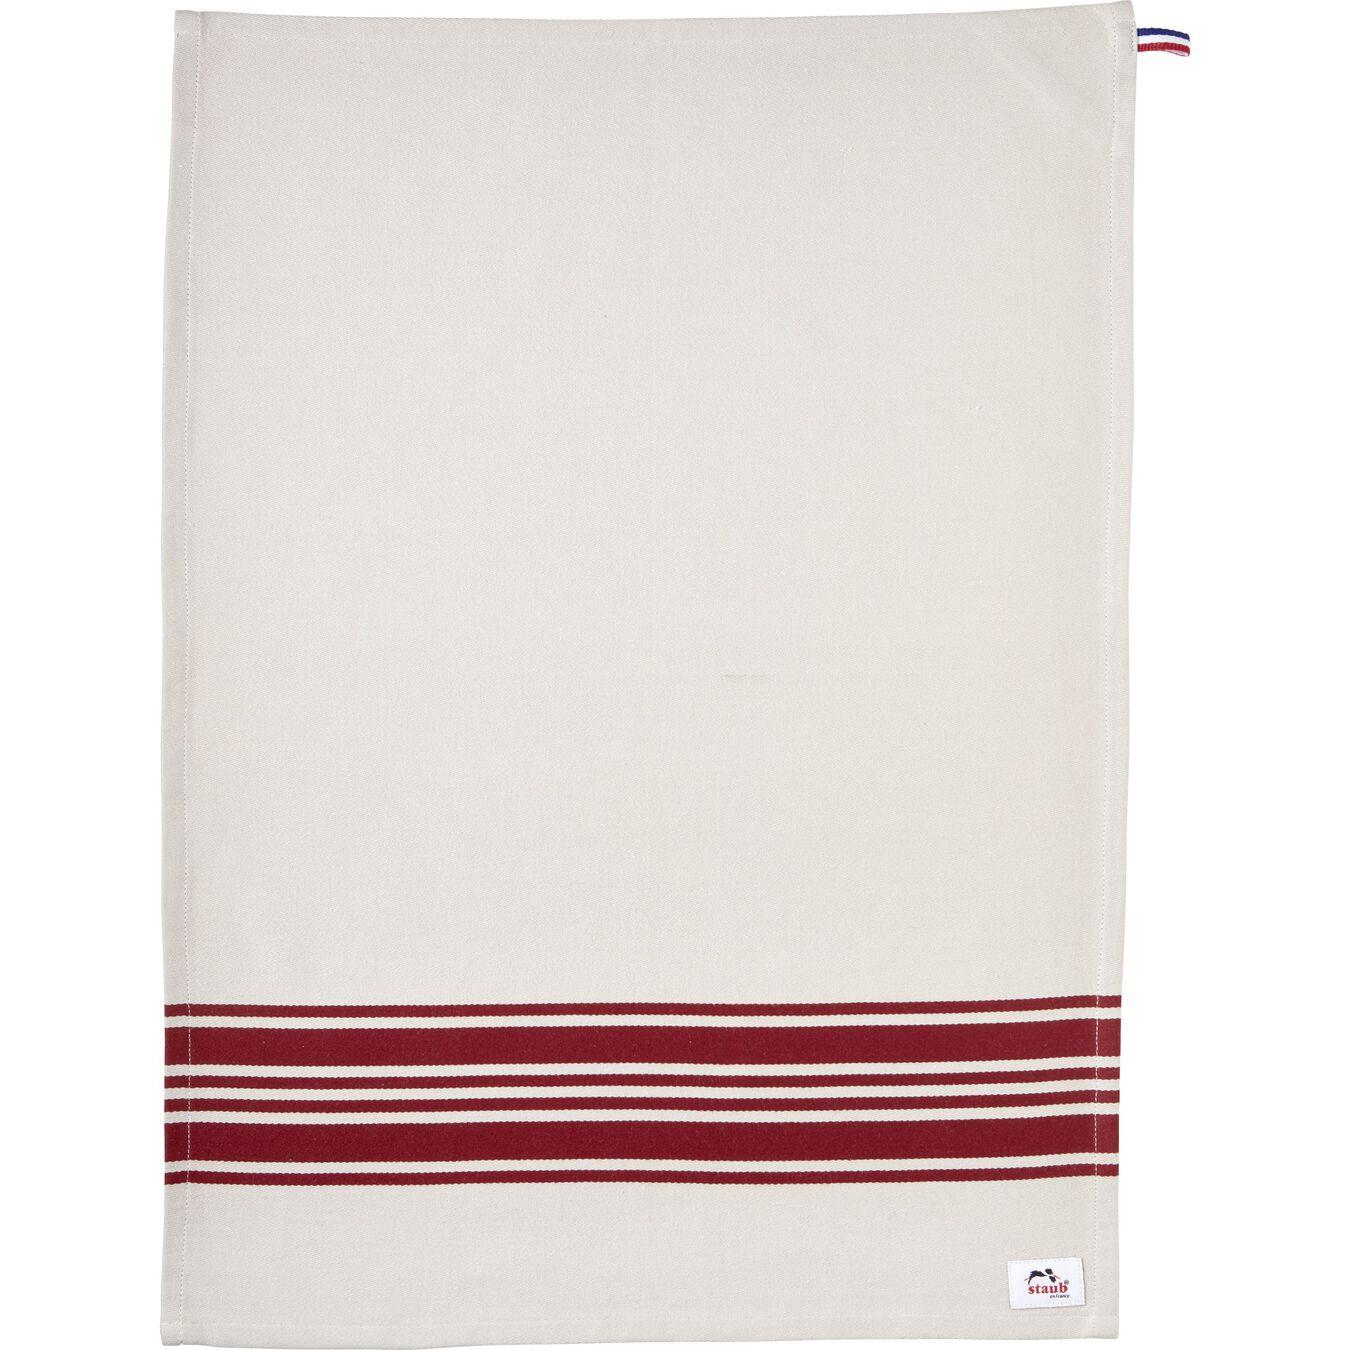 70 cm x 50 cm Cotton Kitchen towel, Cherry,,large 6